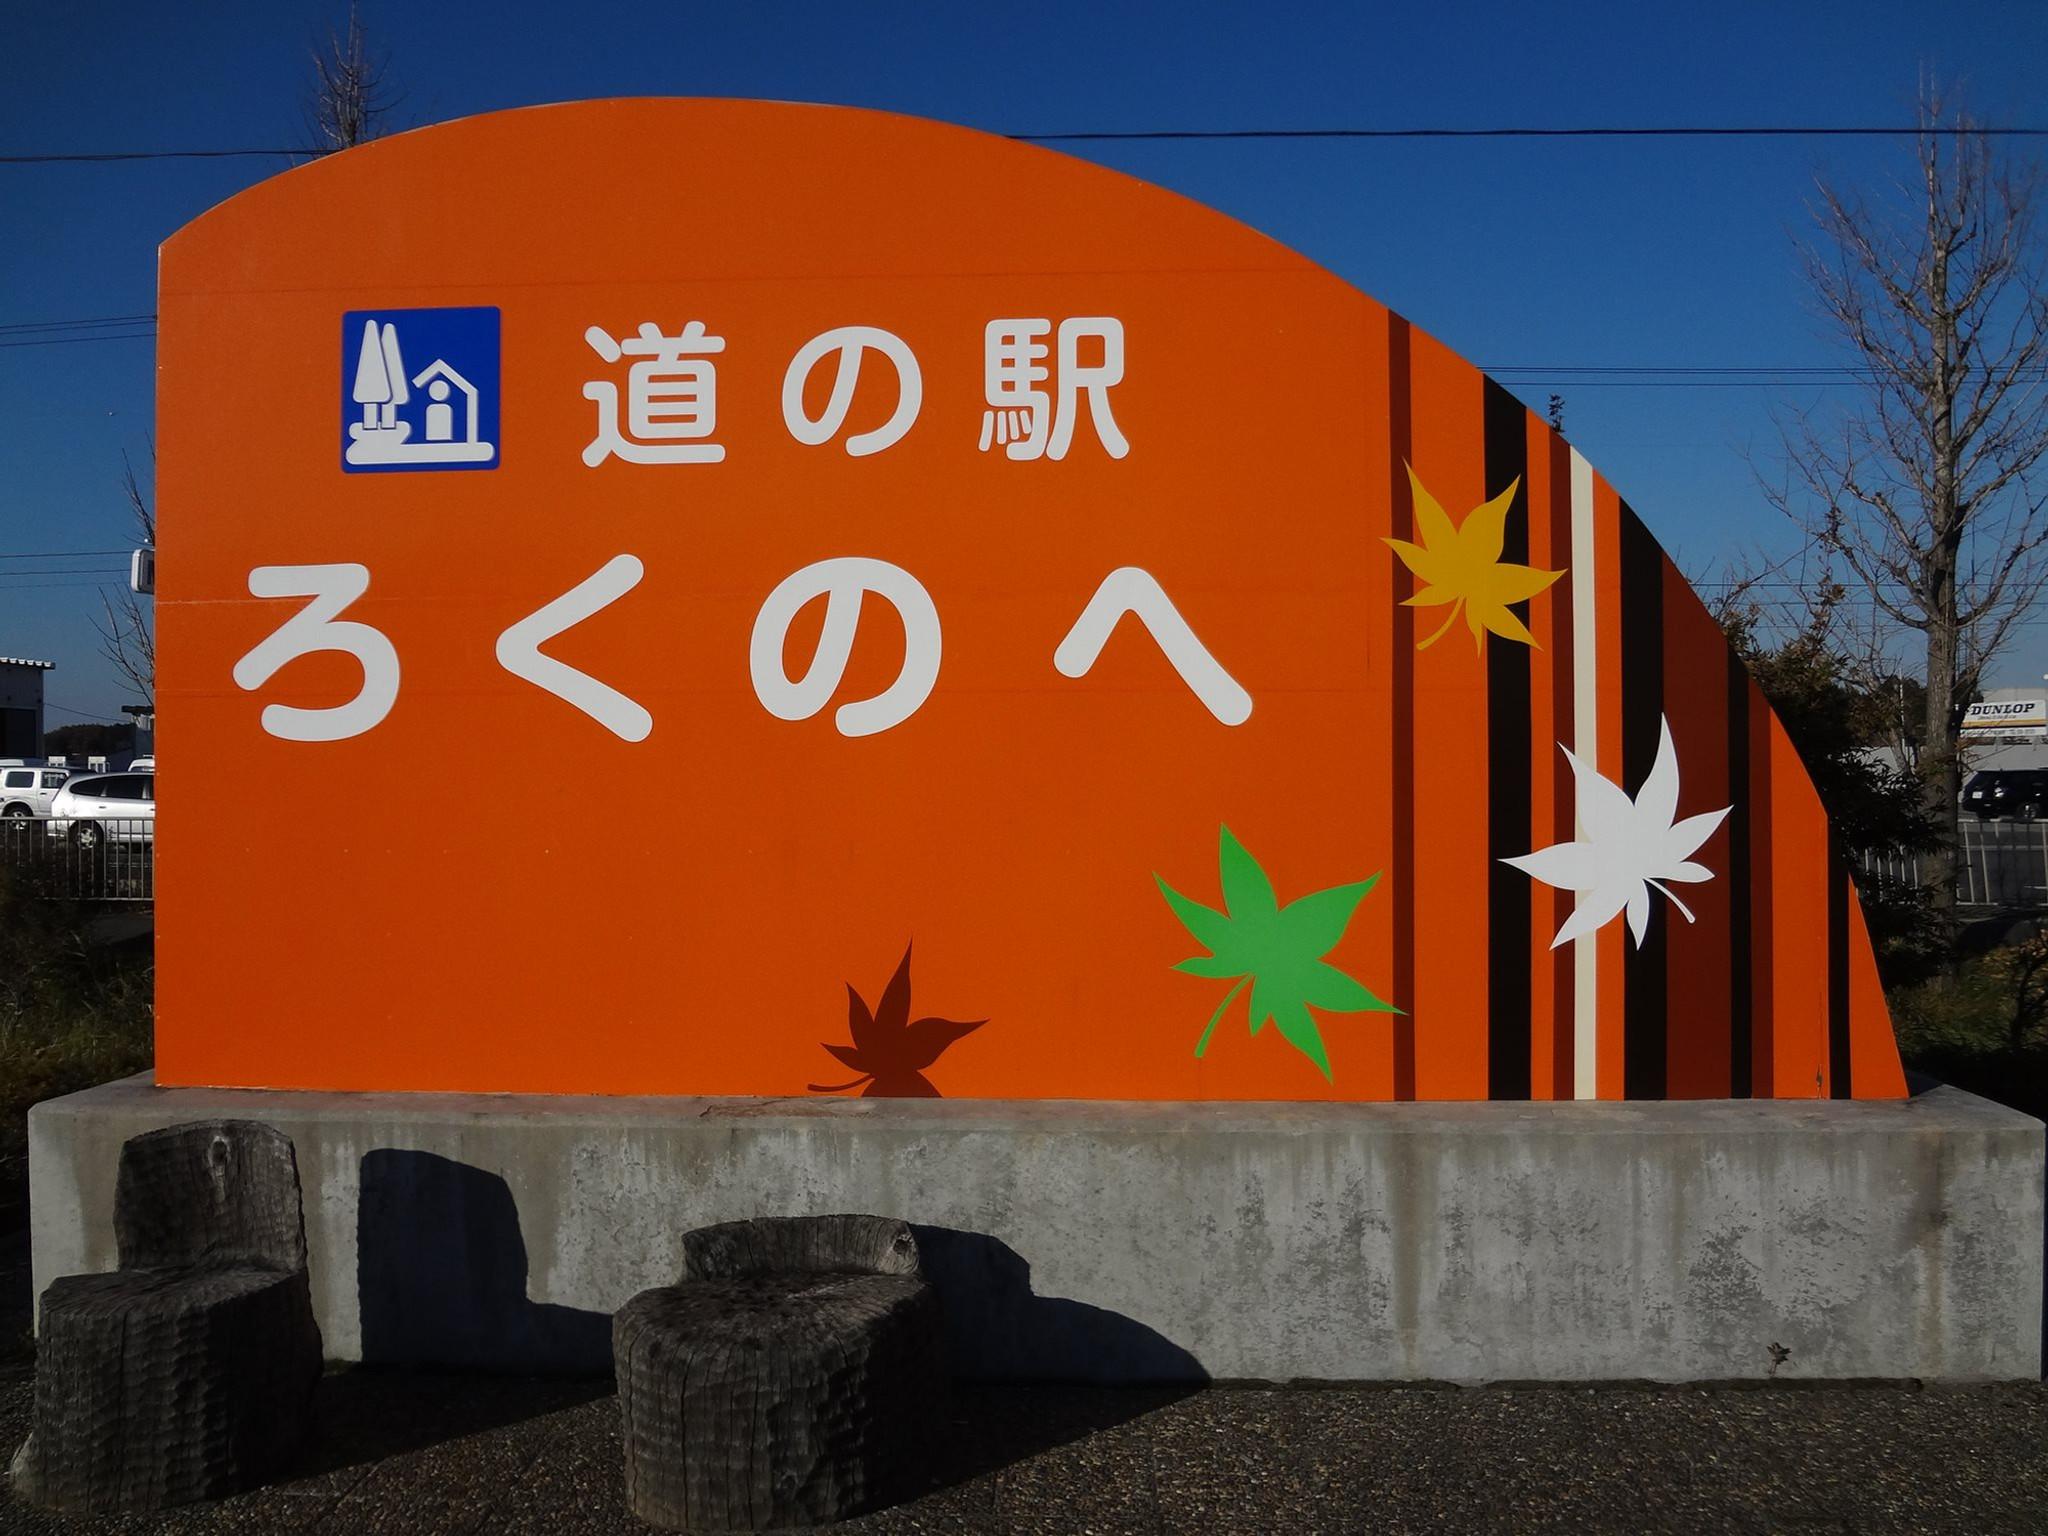 六戸 | 道の駅ろくのへ ホームページ | 日本